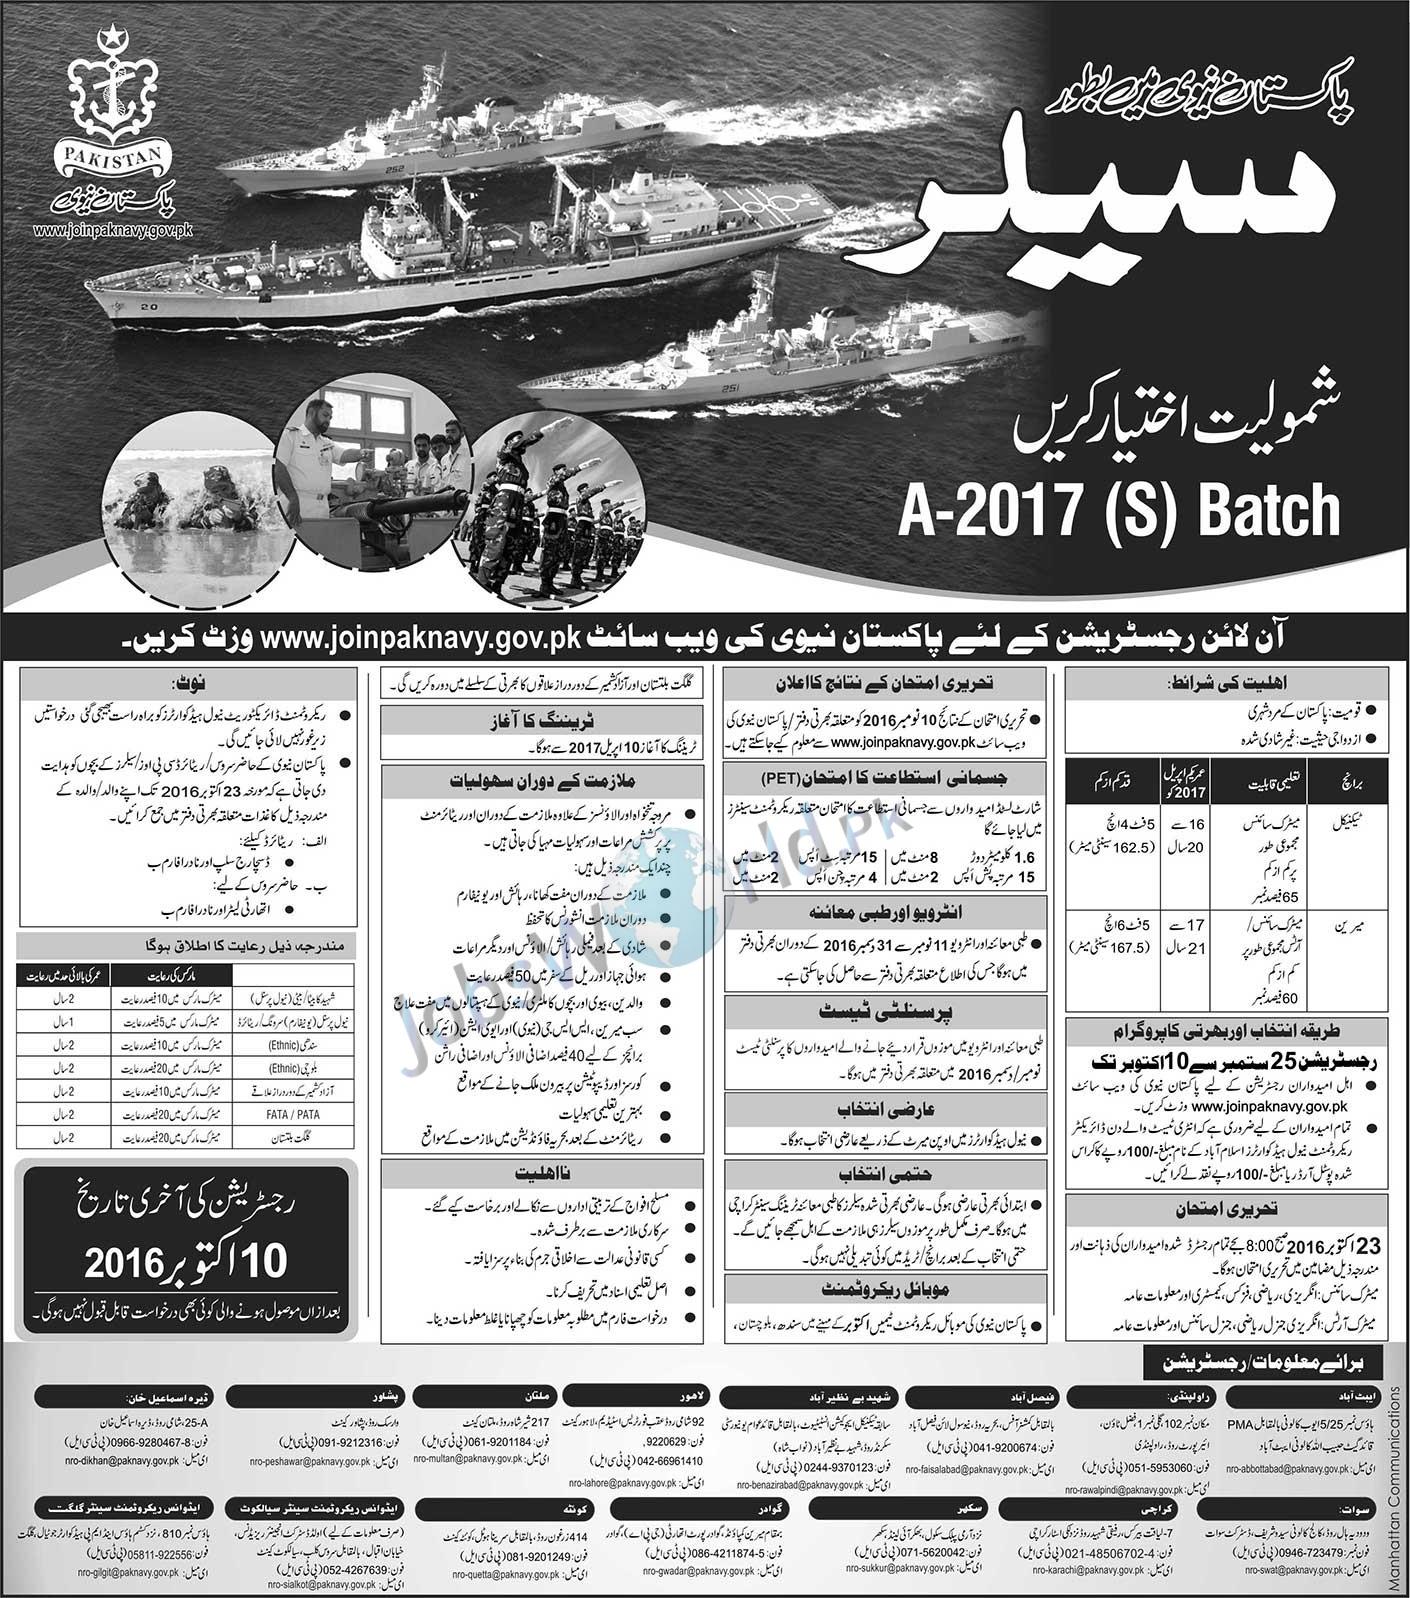 Free registration online jobs in pakistan for women